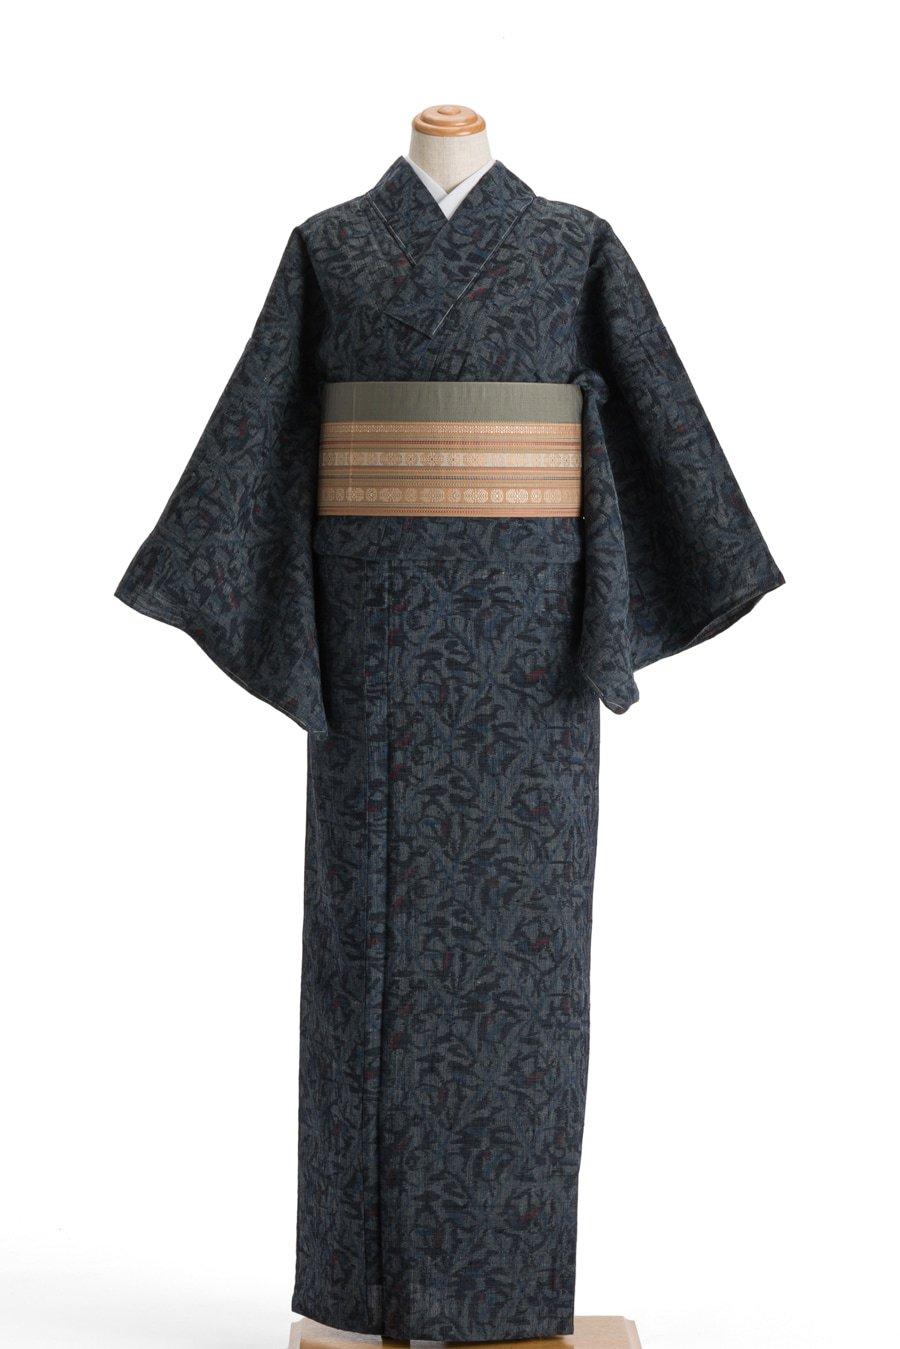 「単衣 紬 菱に花」の商品画像